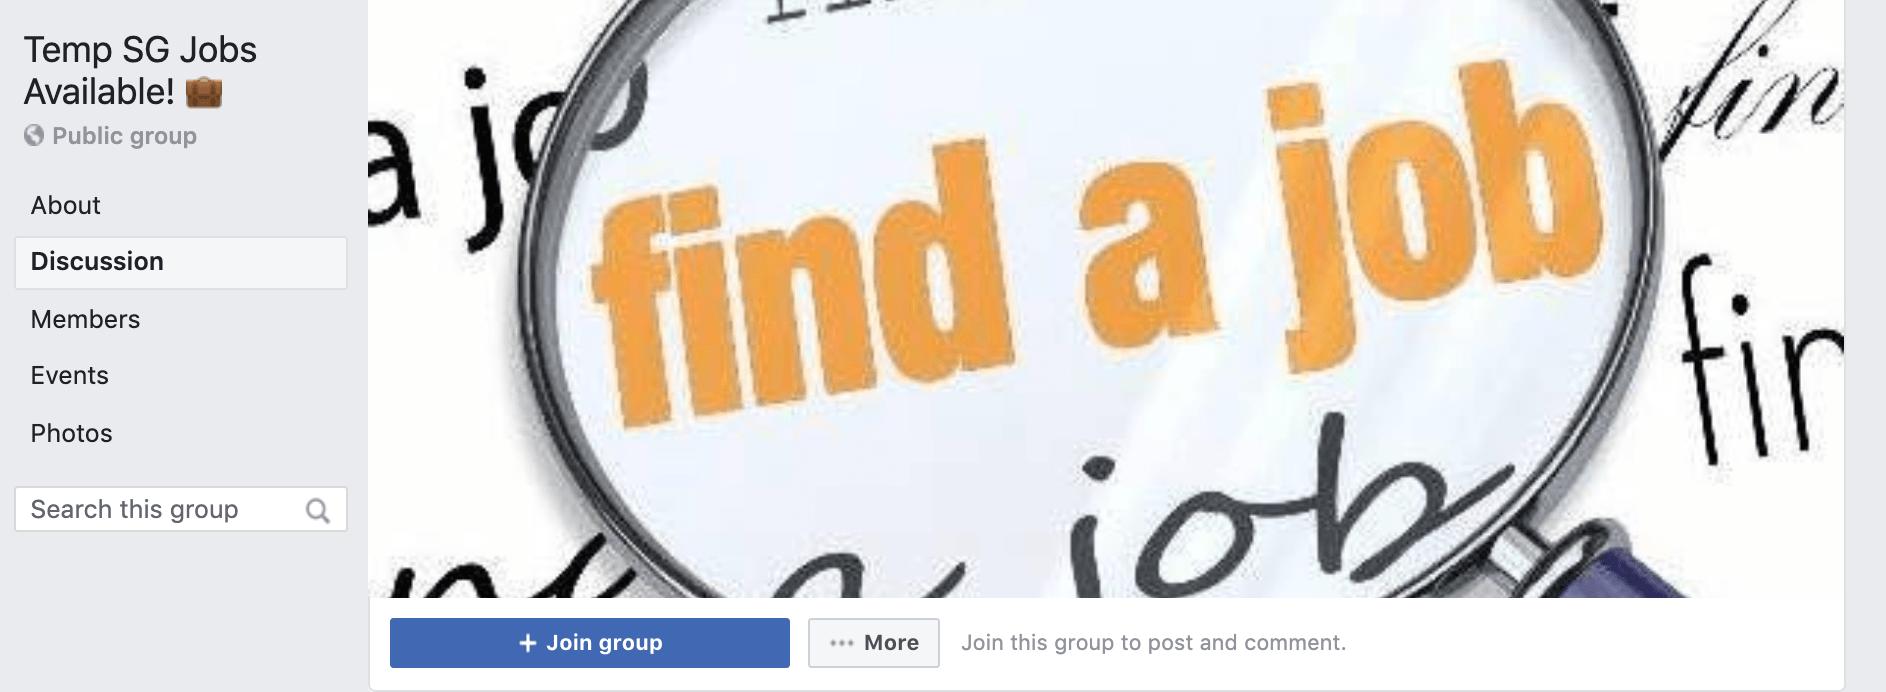 Temp SG Jobs FB Page